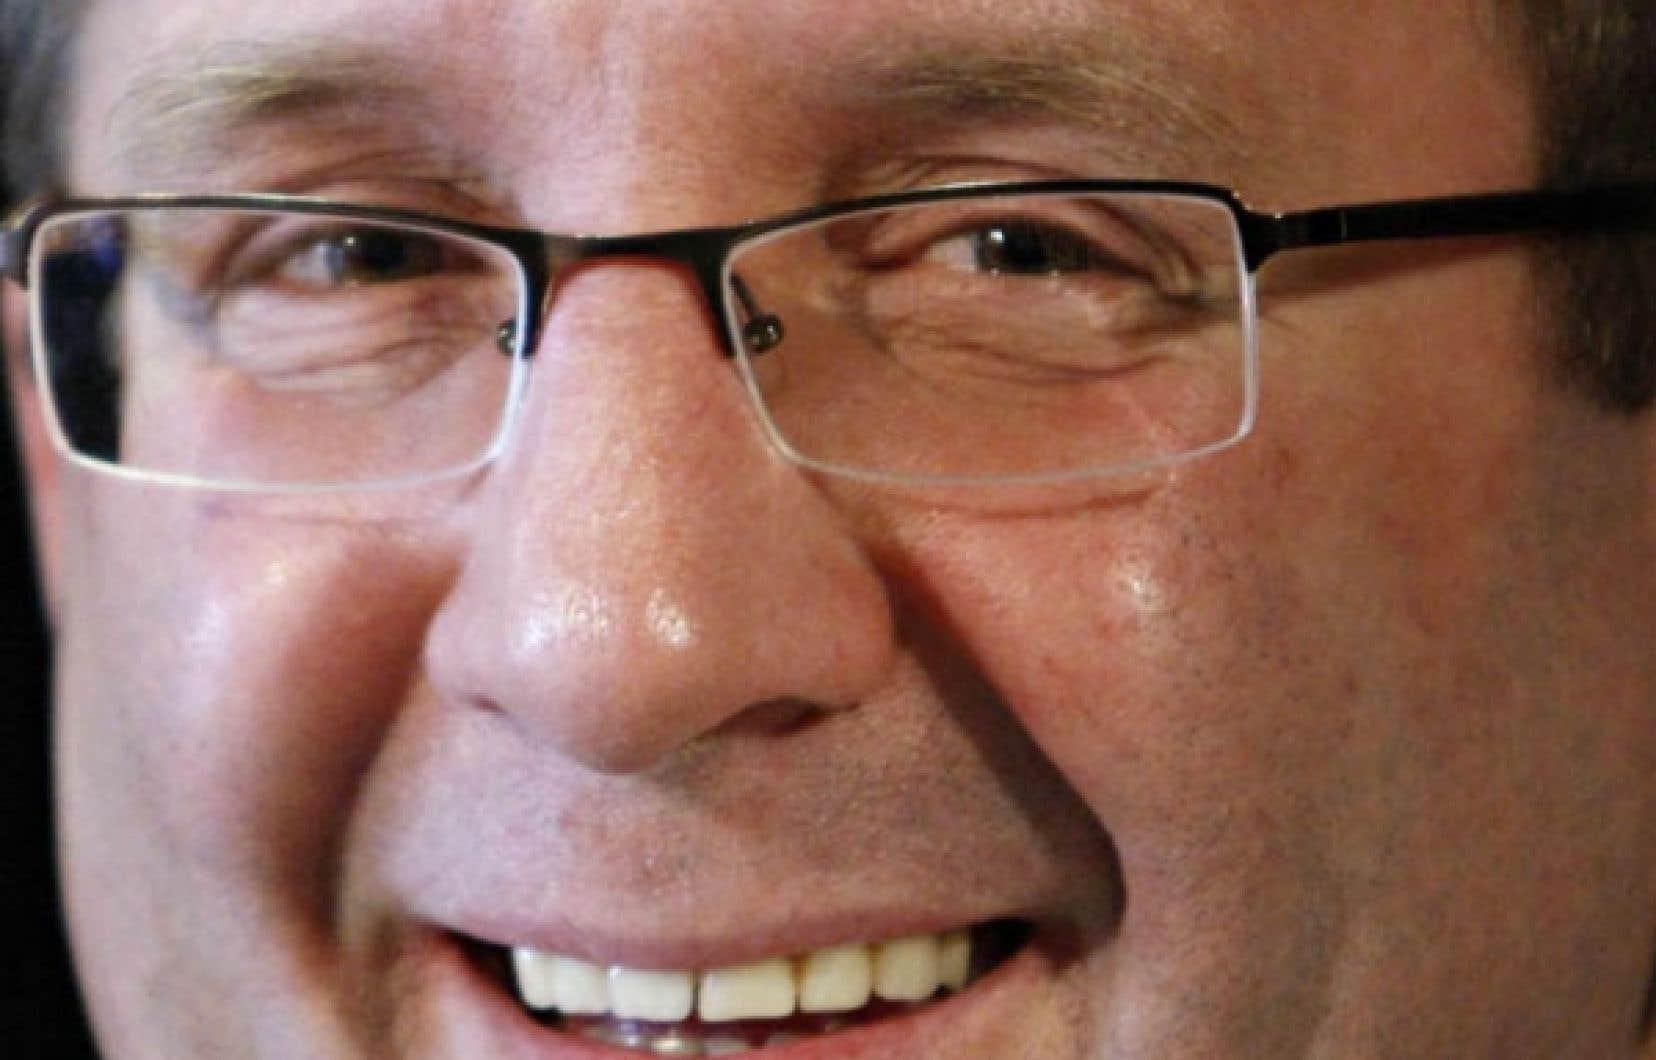 Le maire de Qu&eacute;bec, R&eacute;gis Labeaume, se r&eacute;jouit de la d&eacute;cision du gouvernement du Qu&eacute;bec d&rsquo;investir dans l&rsquo;aventure du nouvel amphith&eacute;&acirc;tre.<br />